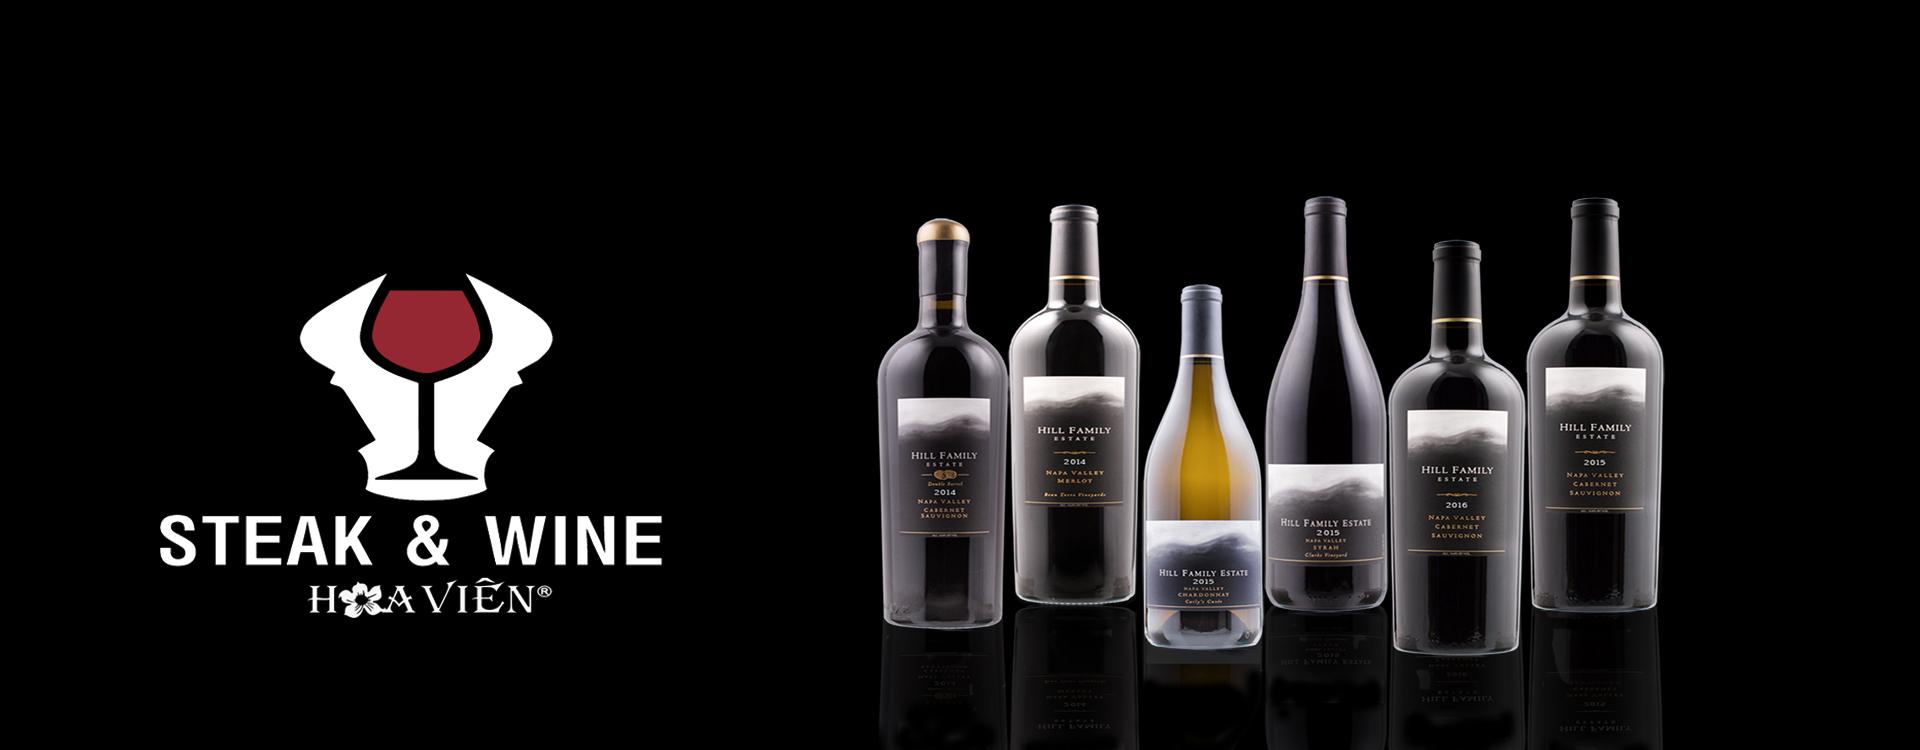 Rượu Vang - Hill Family